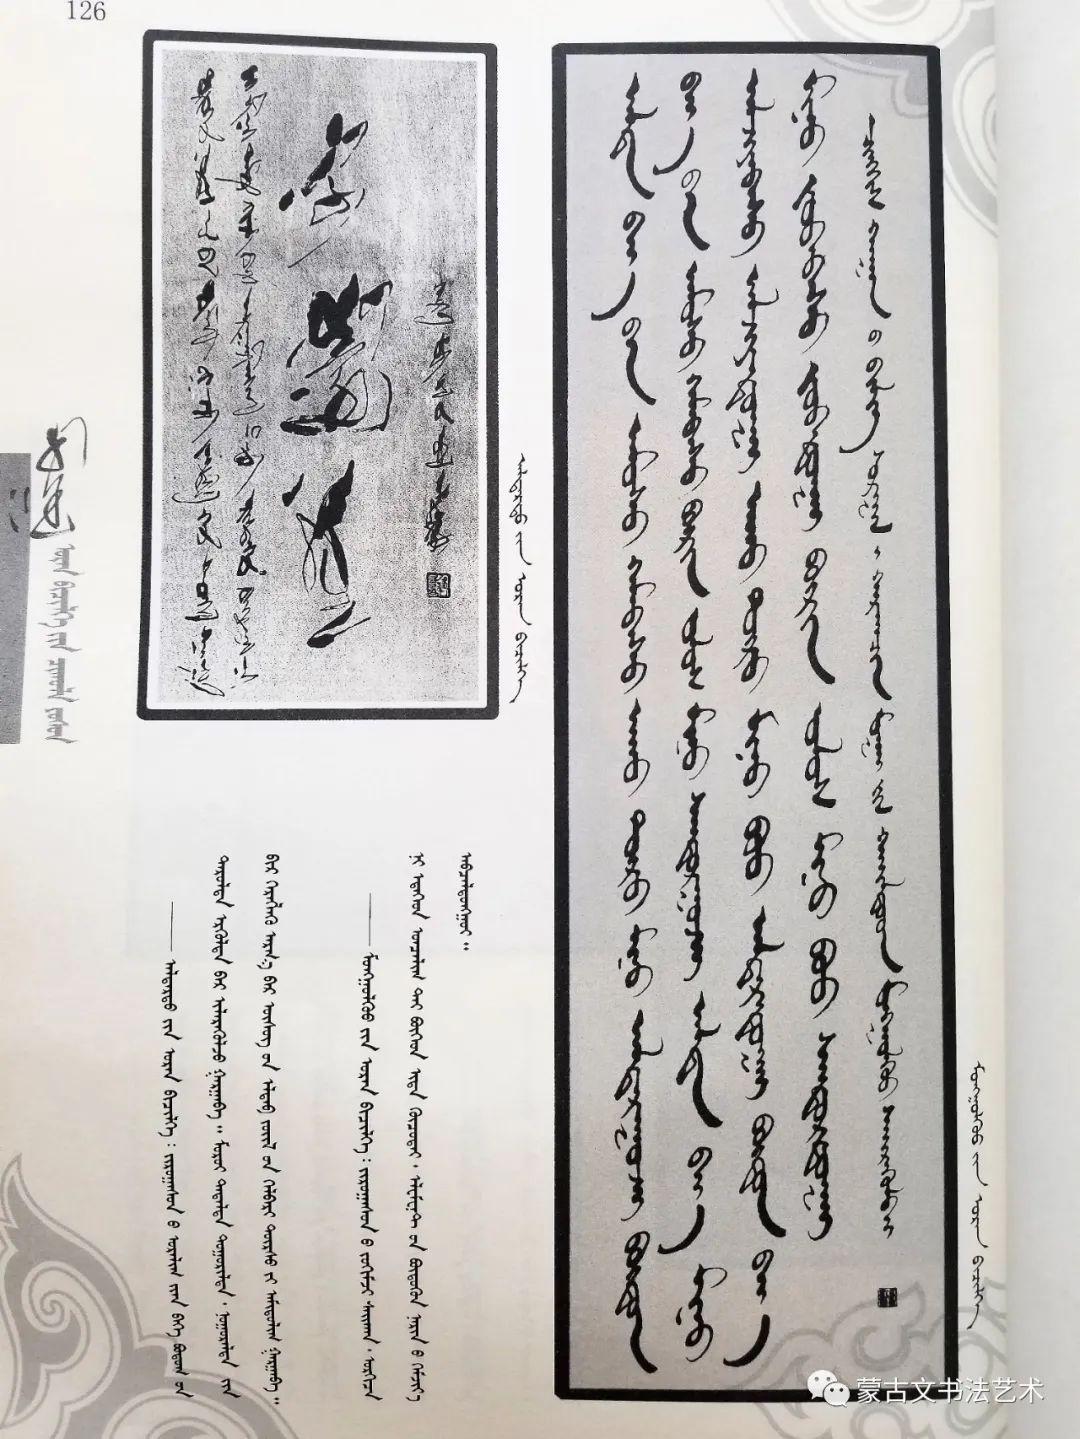 巴图巴雅尔和《蒙古文书法概要》 第15张 巴图巴雅尔和《蒙古文书法概要》 蒙古书法